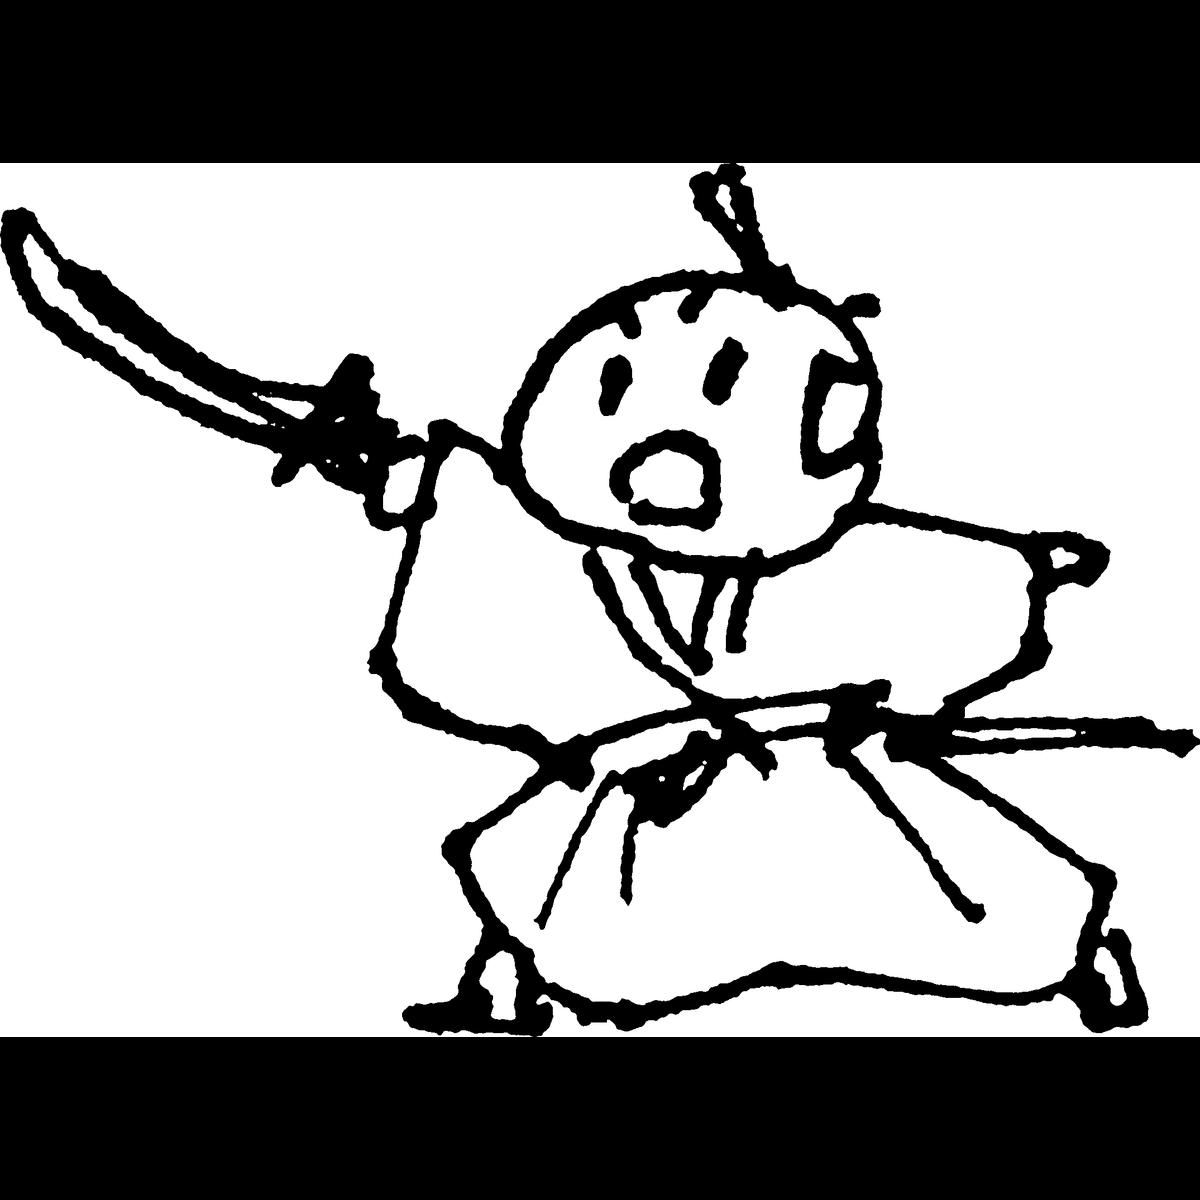 侍 剣で切るのイラスト Samurai Kill with a sword